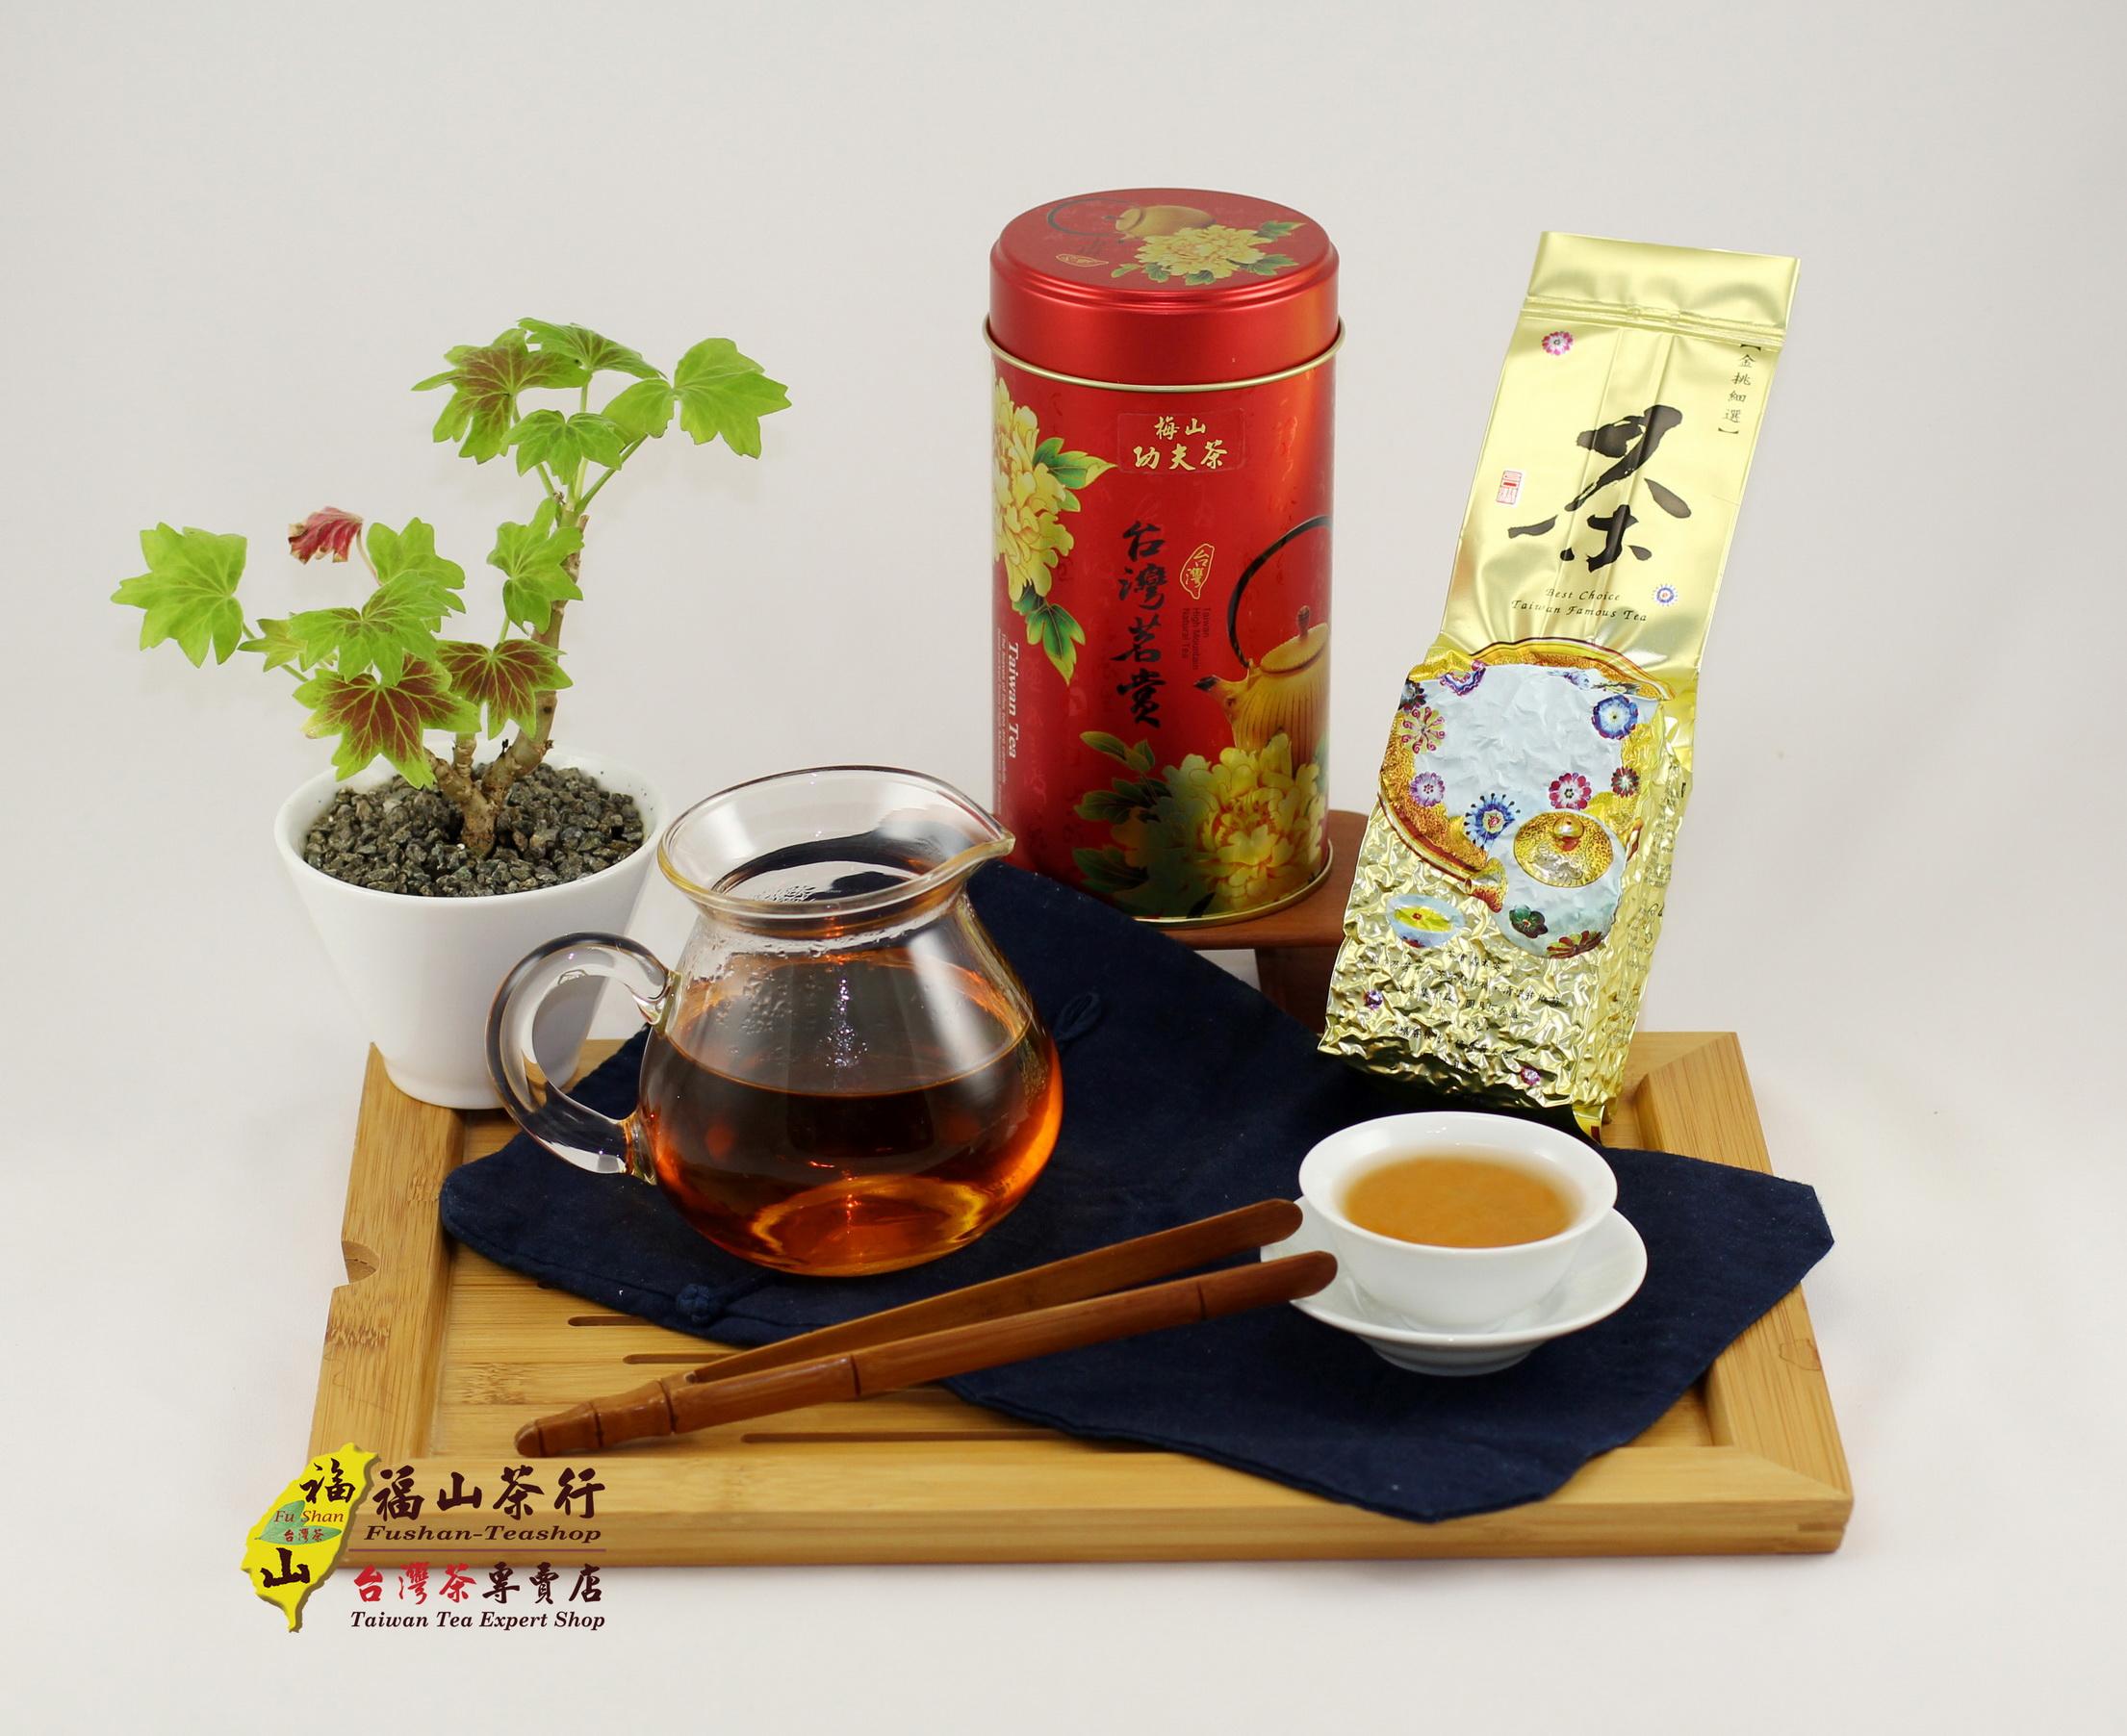 梅山功夫茶1斤【濃郁型】